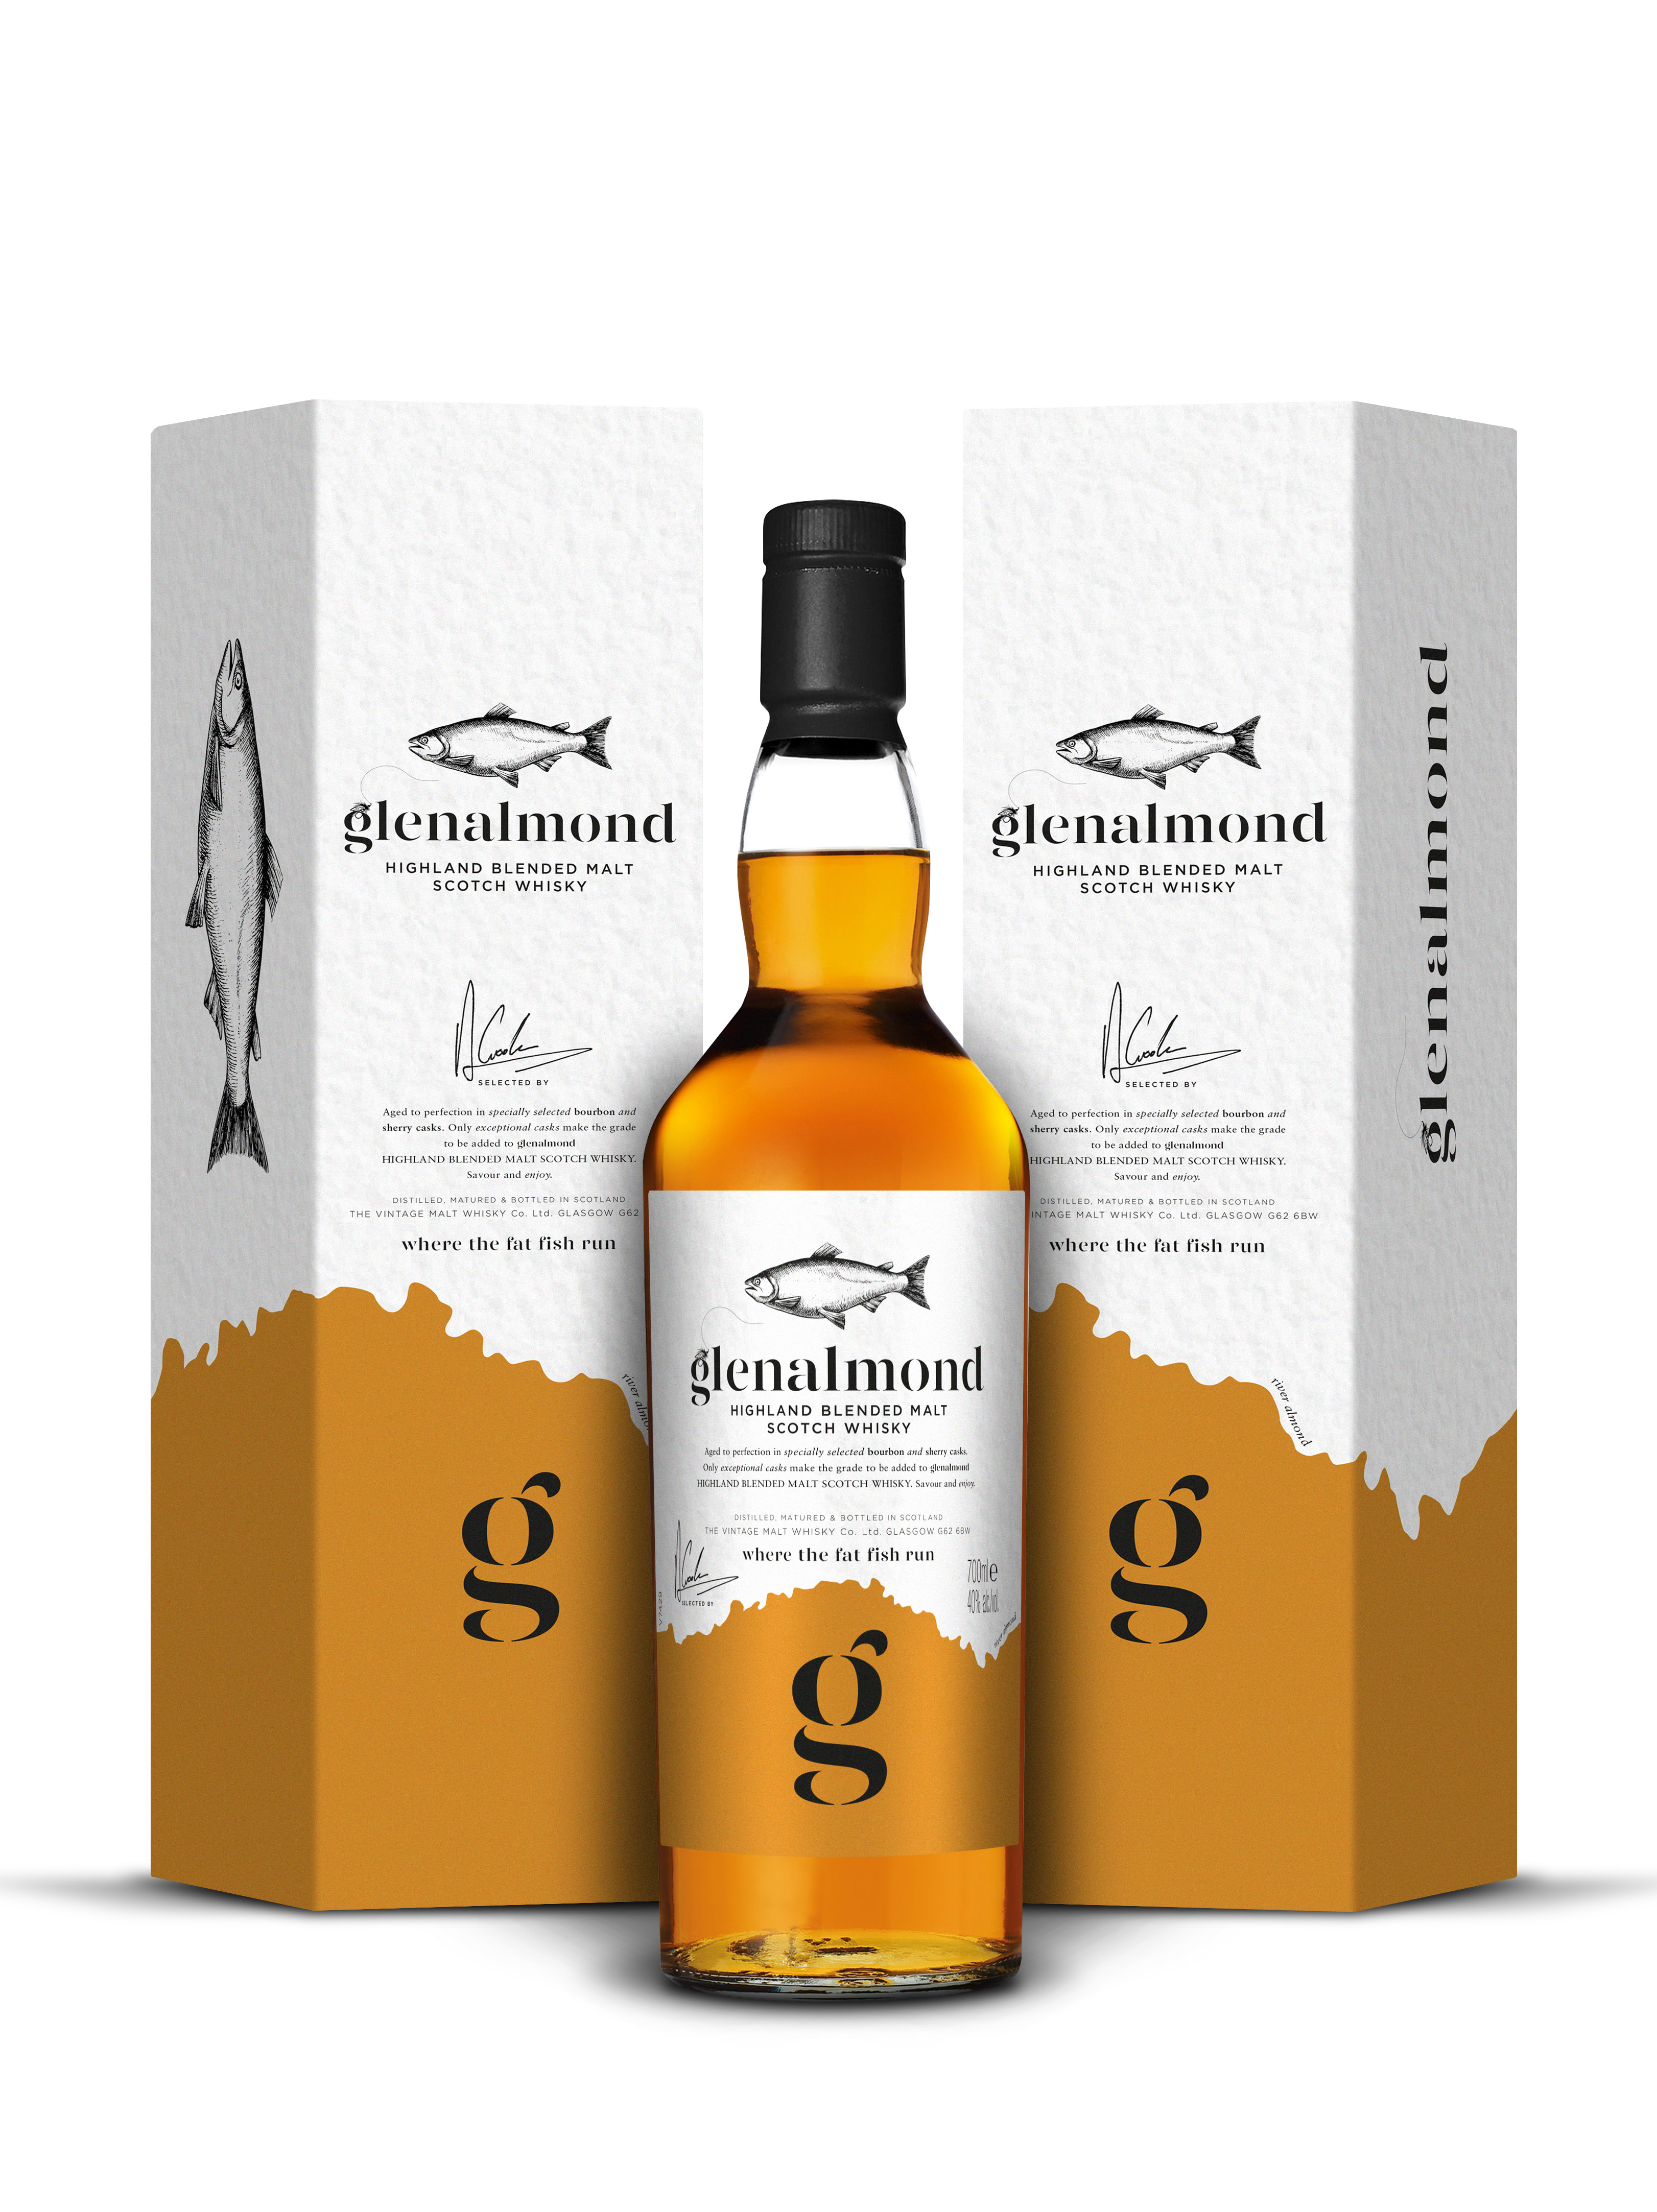 Glenalmond Highland Blended Malt Scotch Whisky